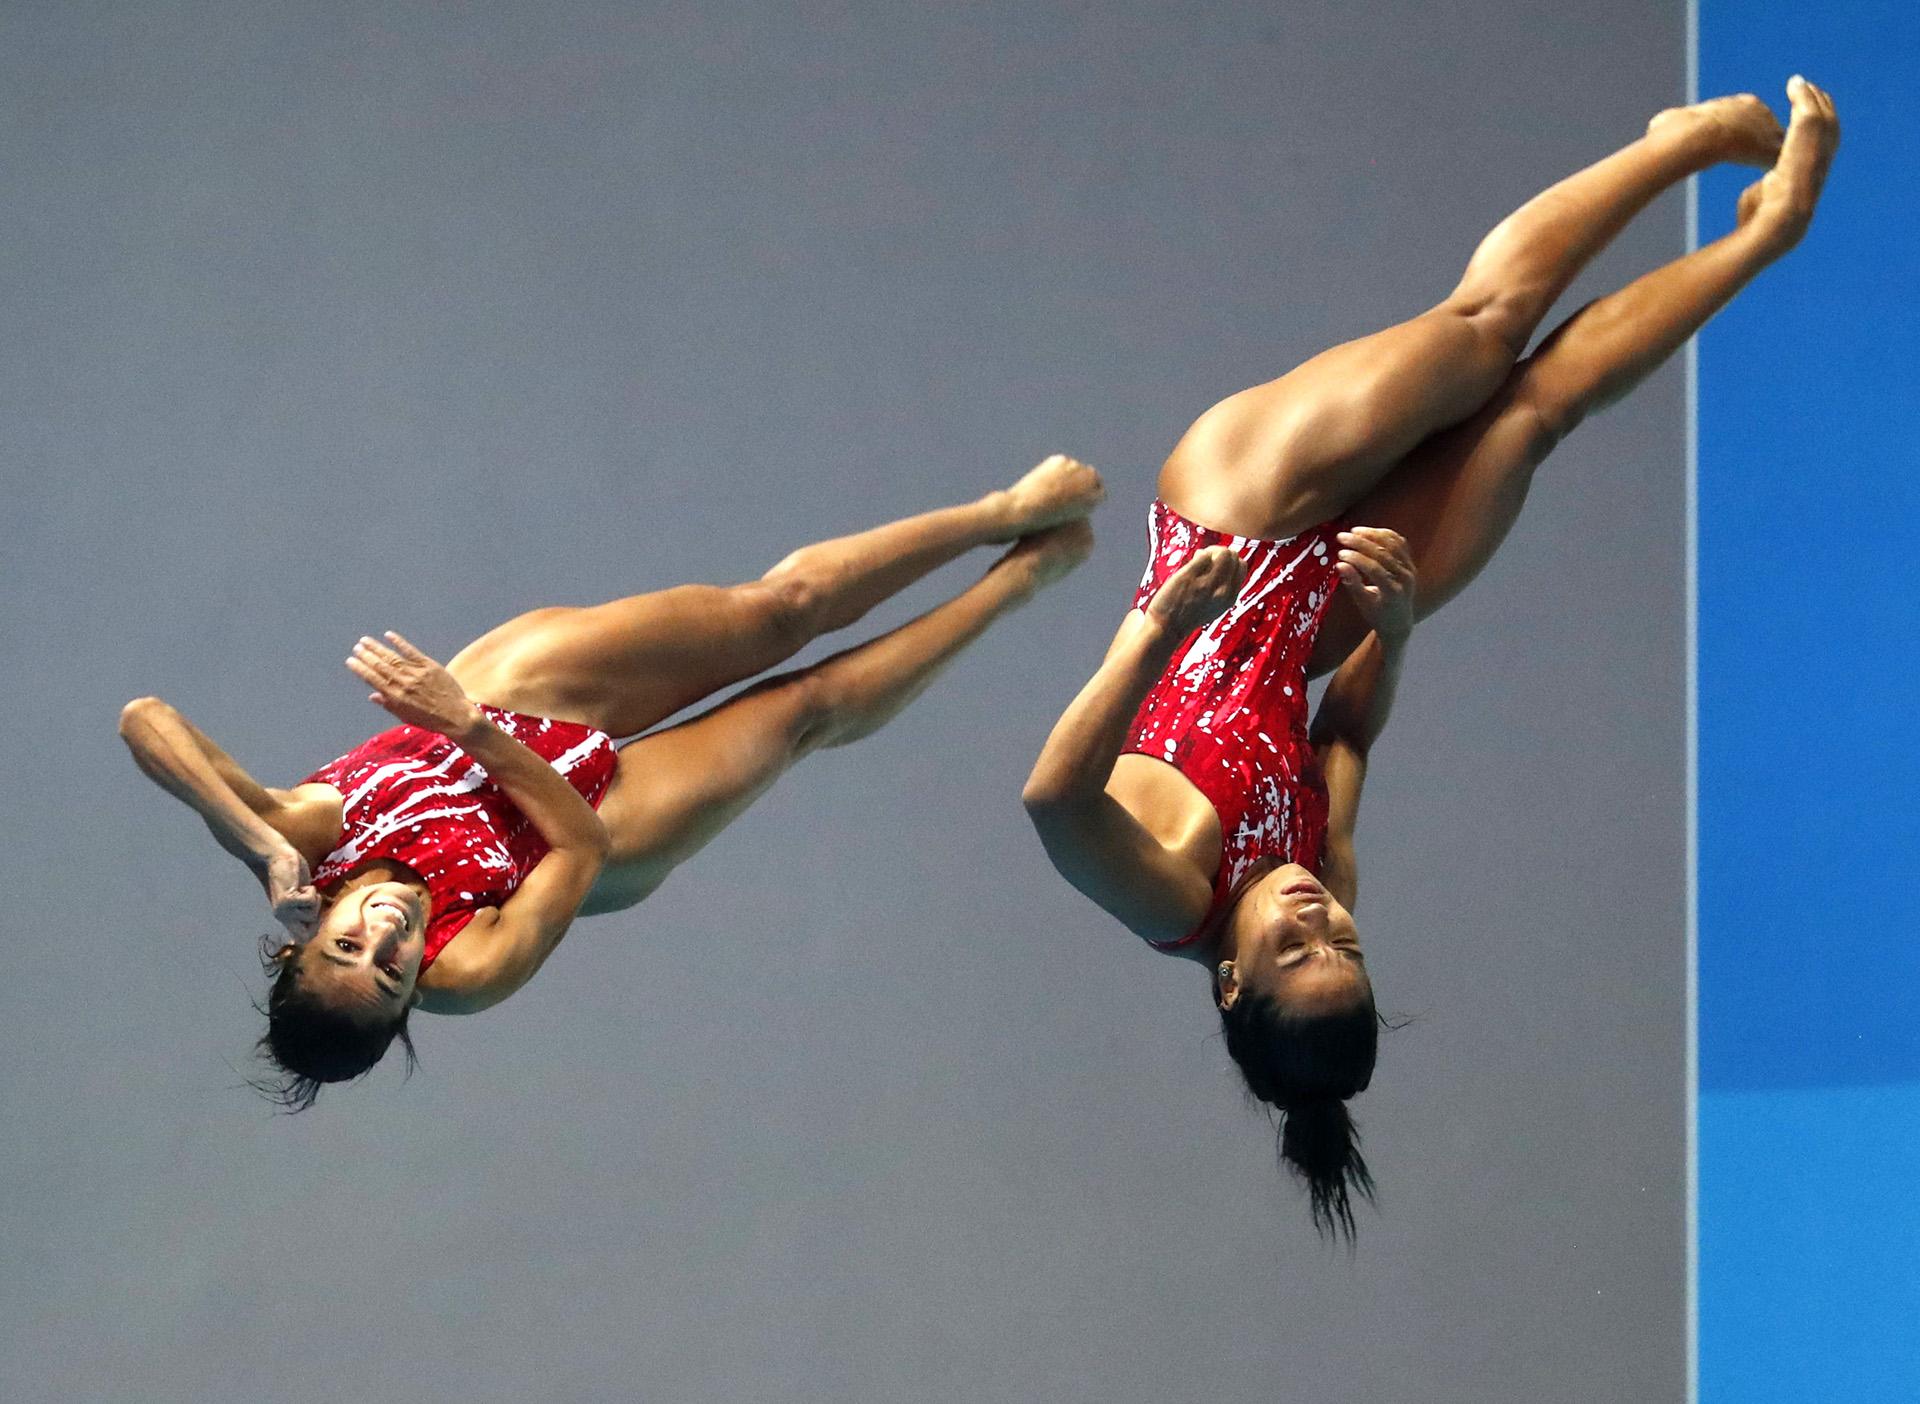 Las mexicanas Paola Espinosa Sanchez y Melany Hernandez Torres buscando coordinación en el aire